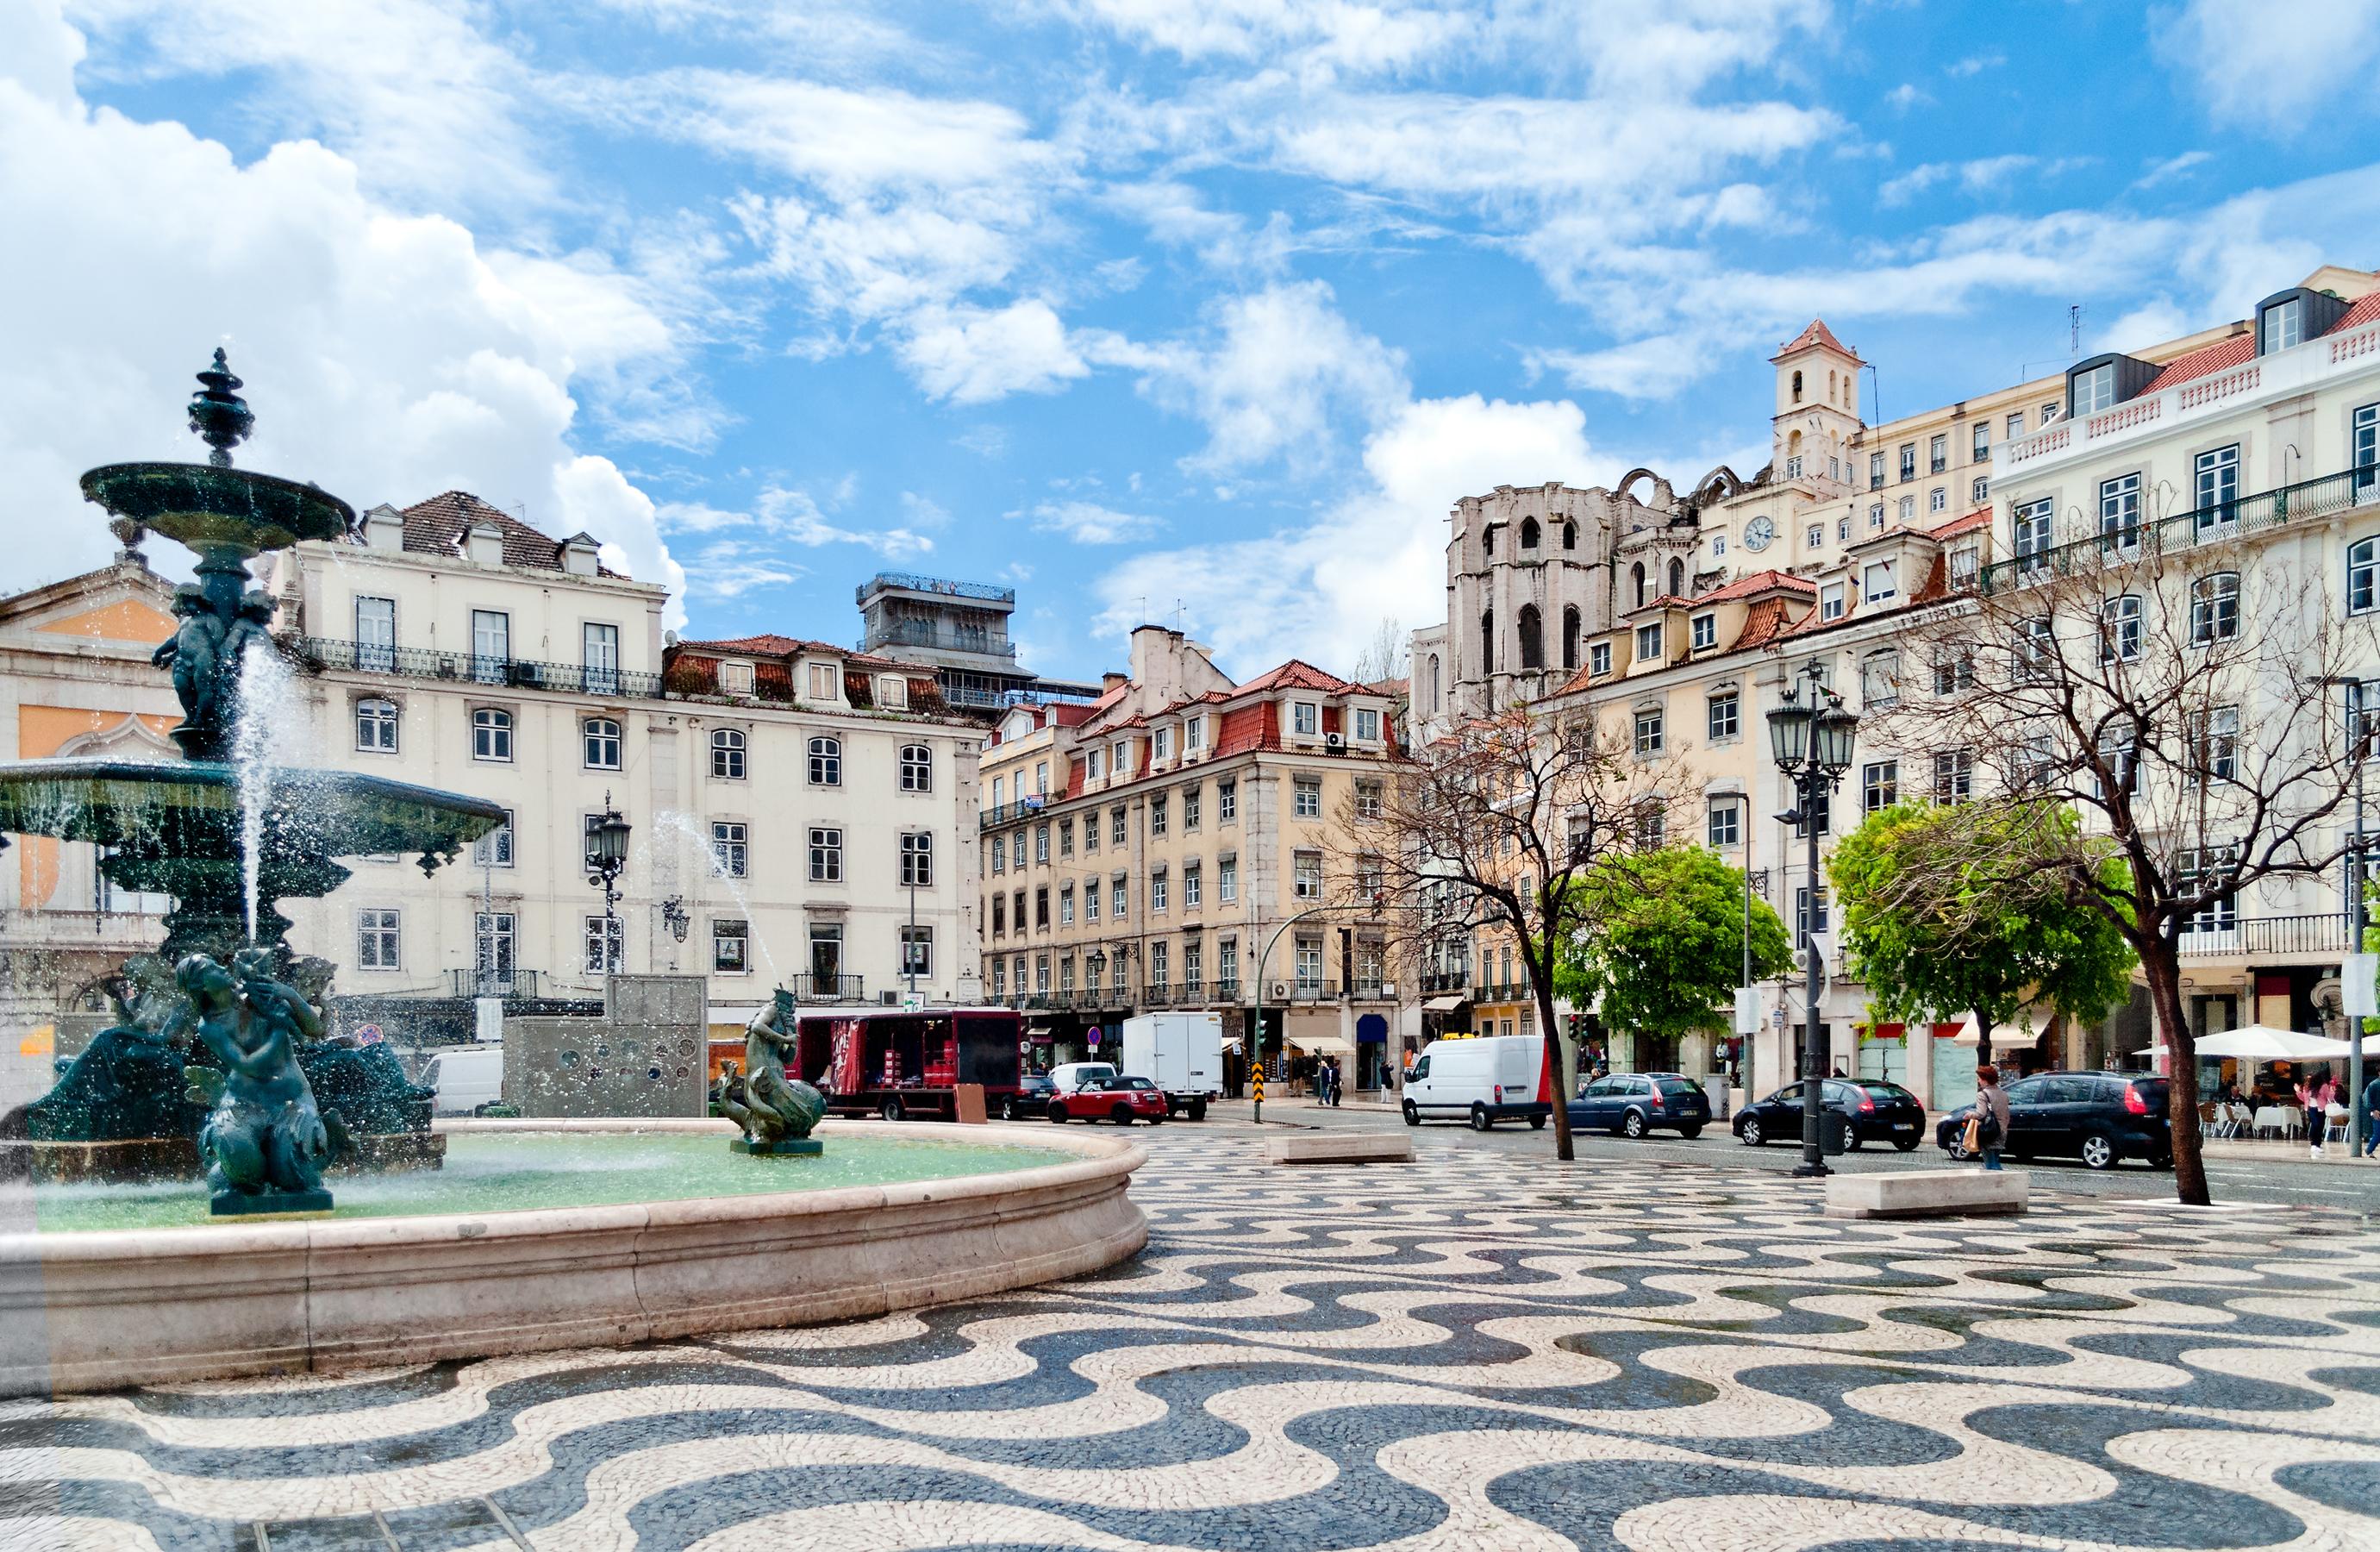 Portugal - Rossio Square